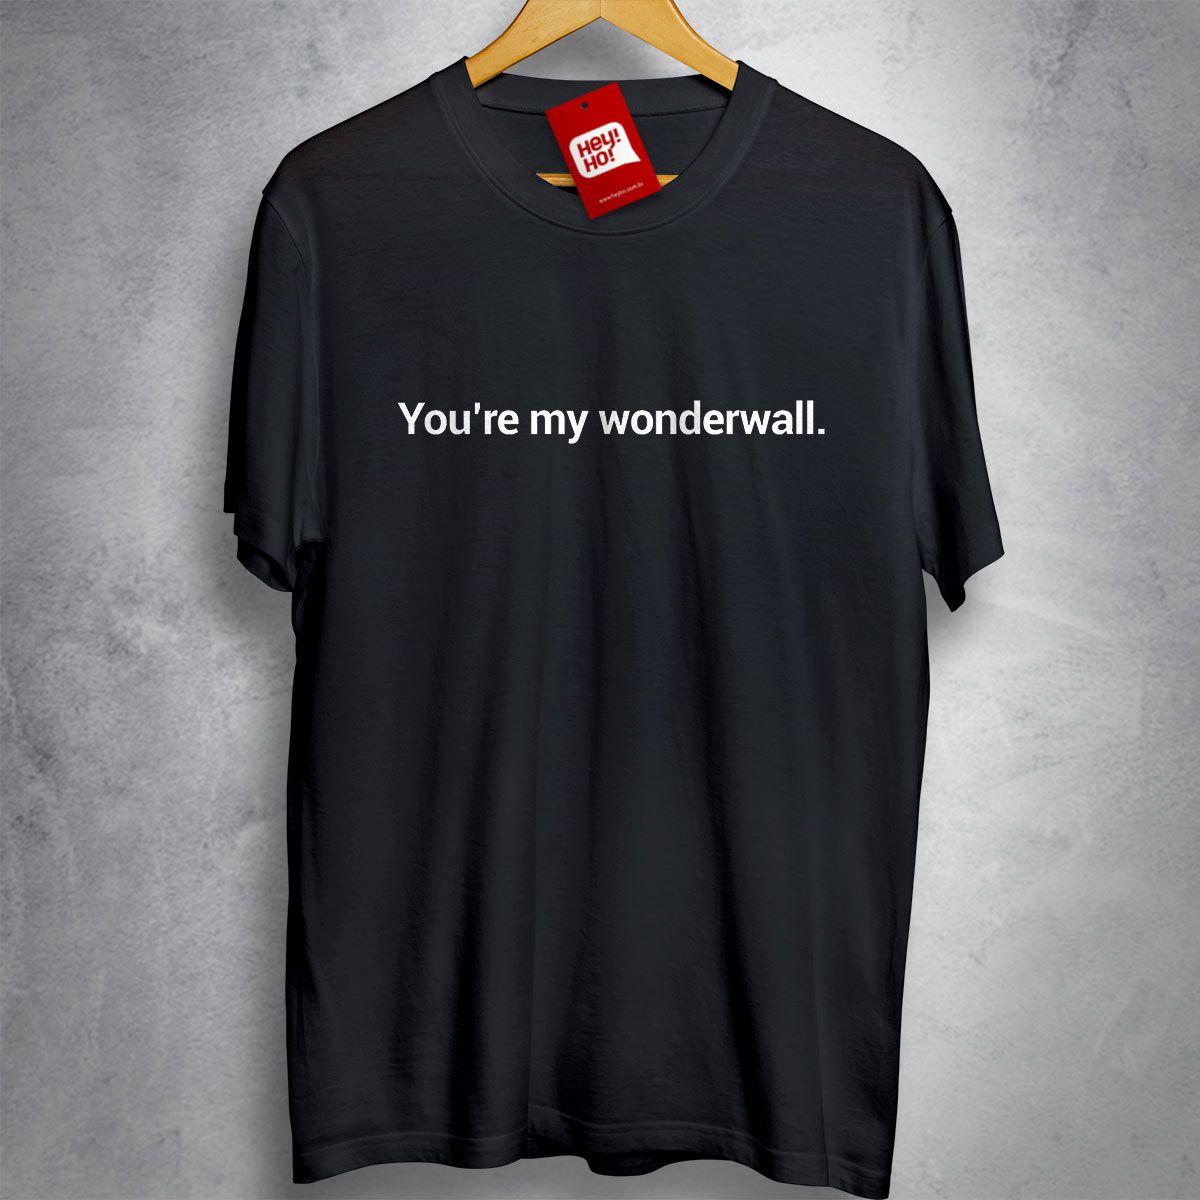 OASIS - You're my wonderwall